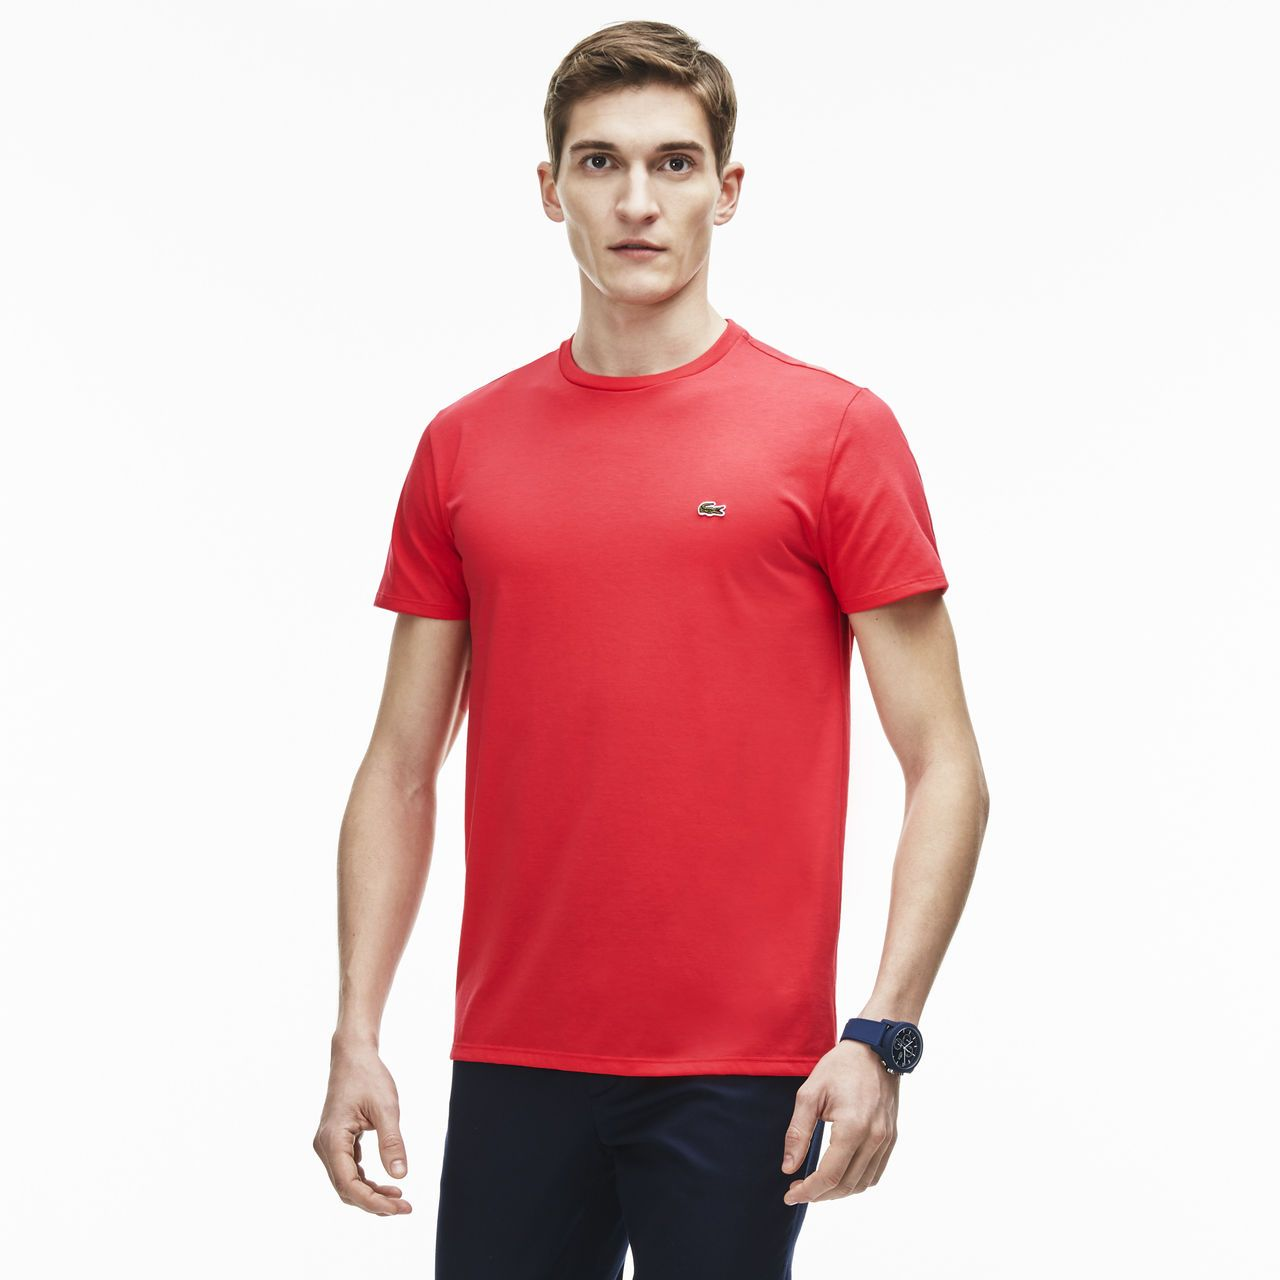 58c1edb352 T-shirt col rond en jersey de coton pima uni   Mode homme   Mode ...